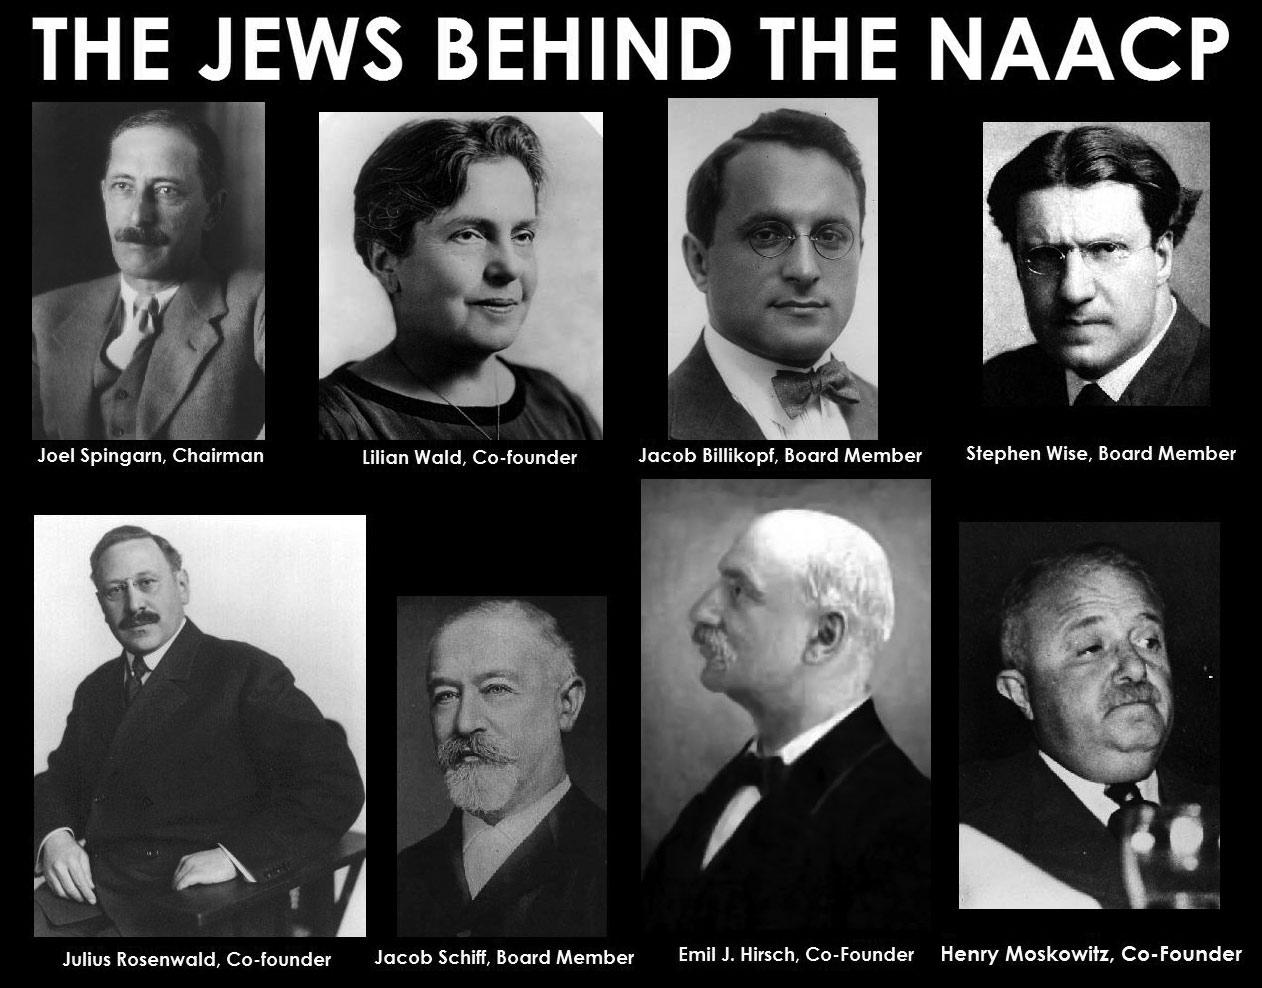 Bildresultat för jews behind naacp